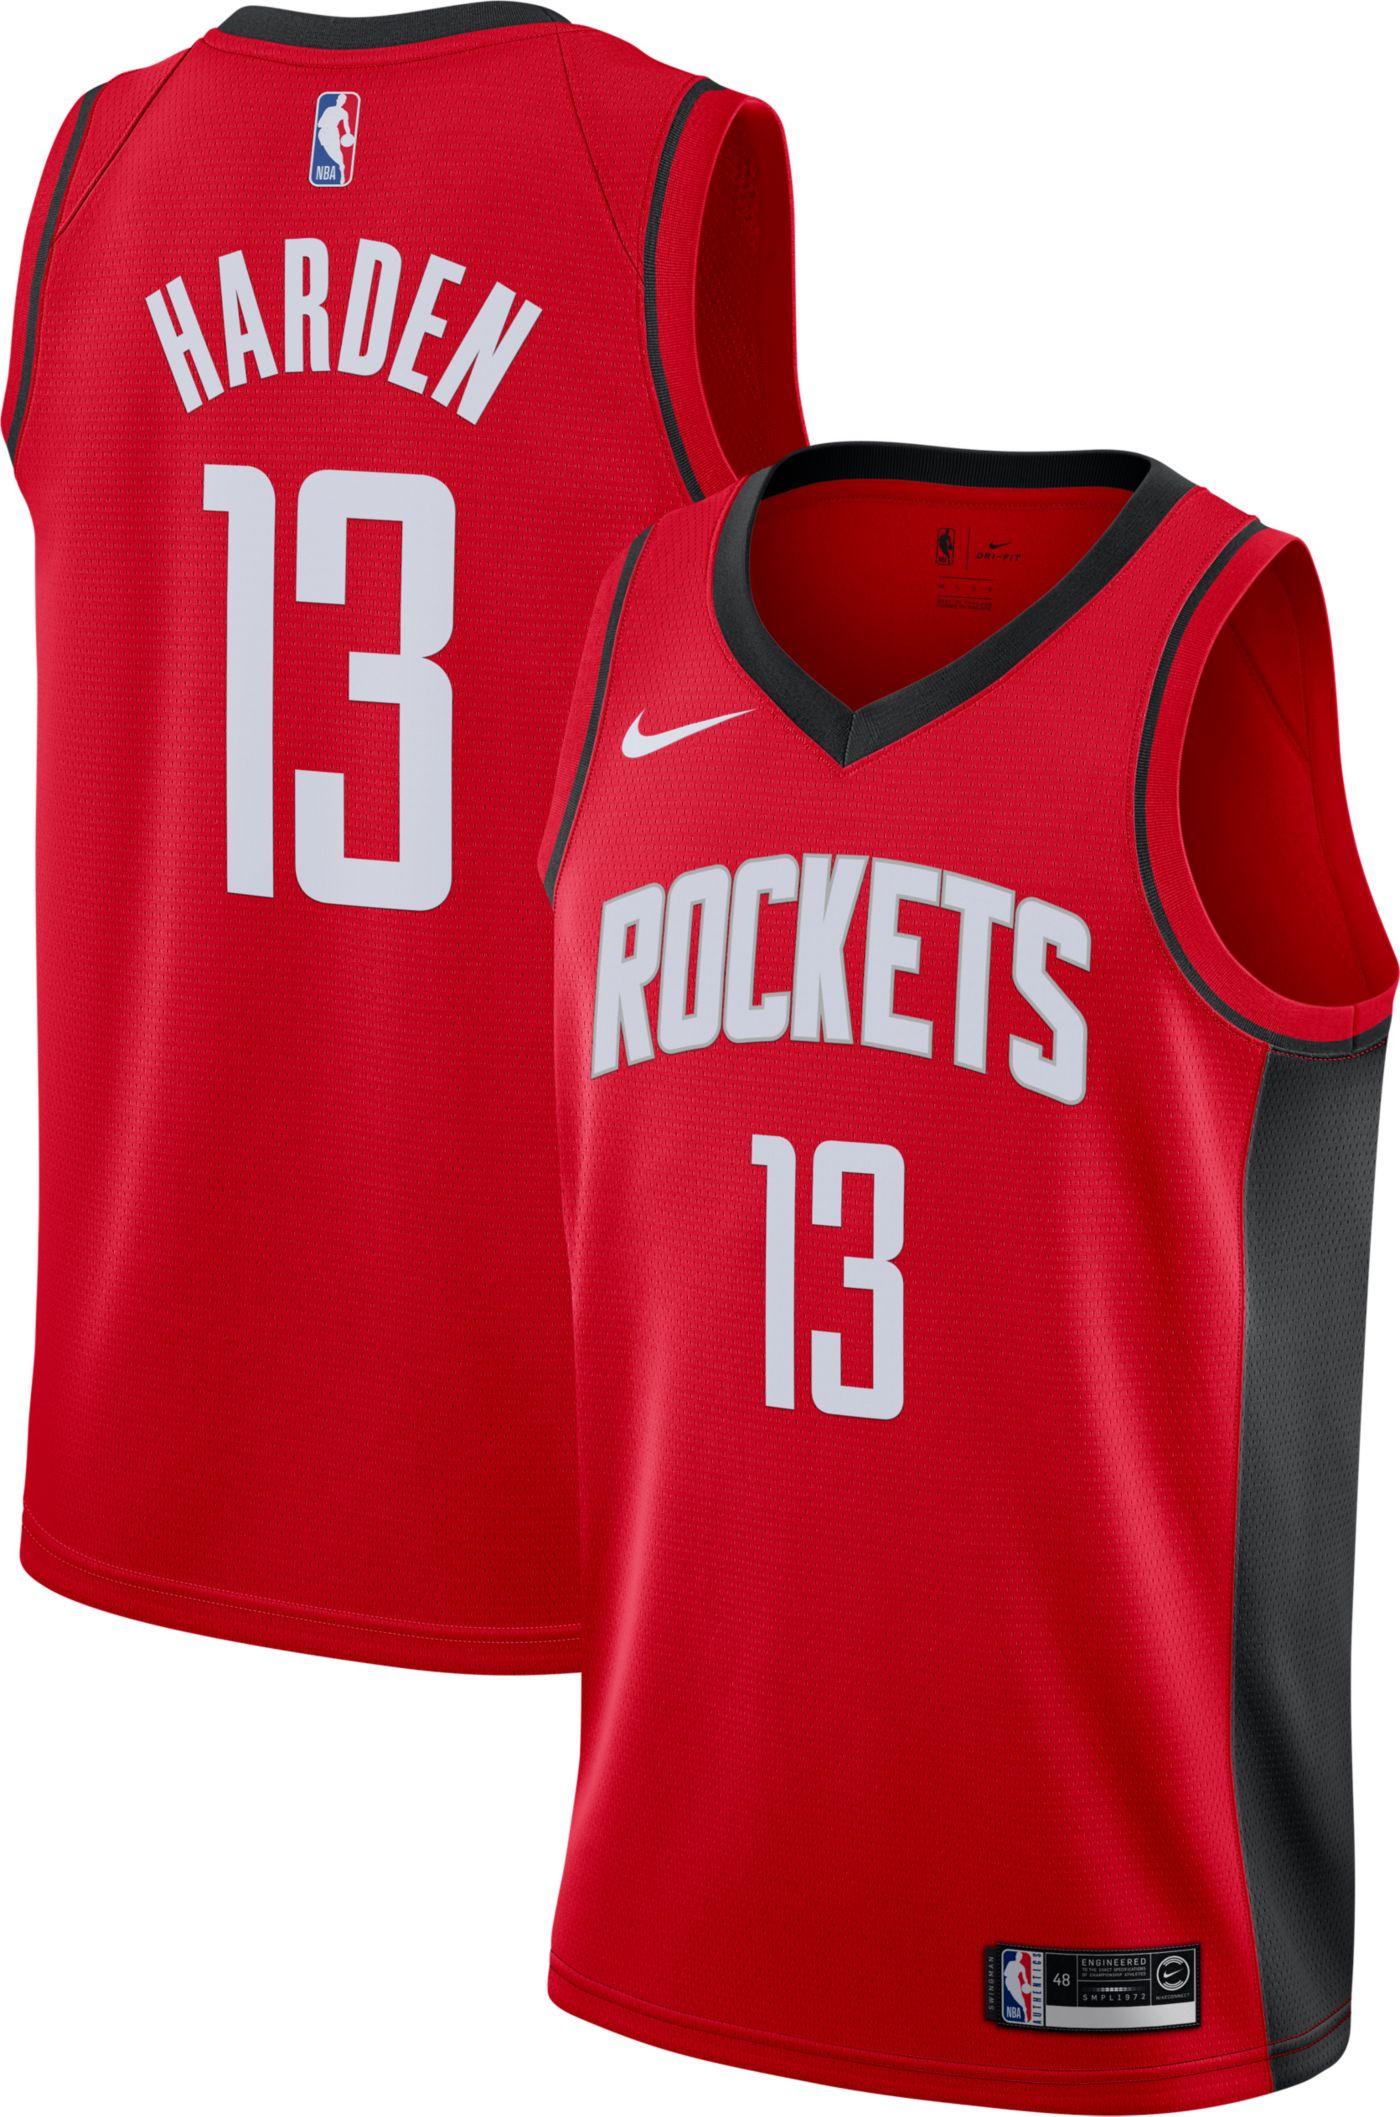 Nike Men's Houston Rockets James Harden #13 Red Dri-FIT Swingman Jersey